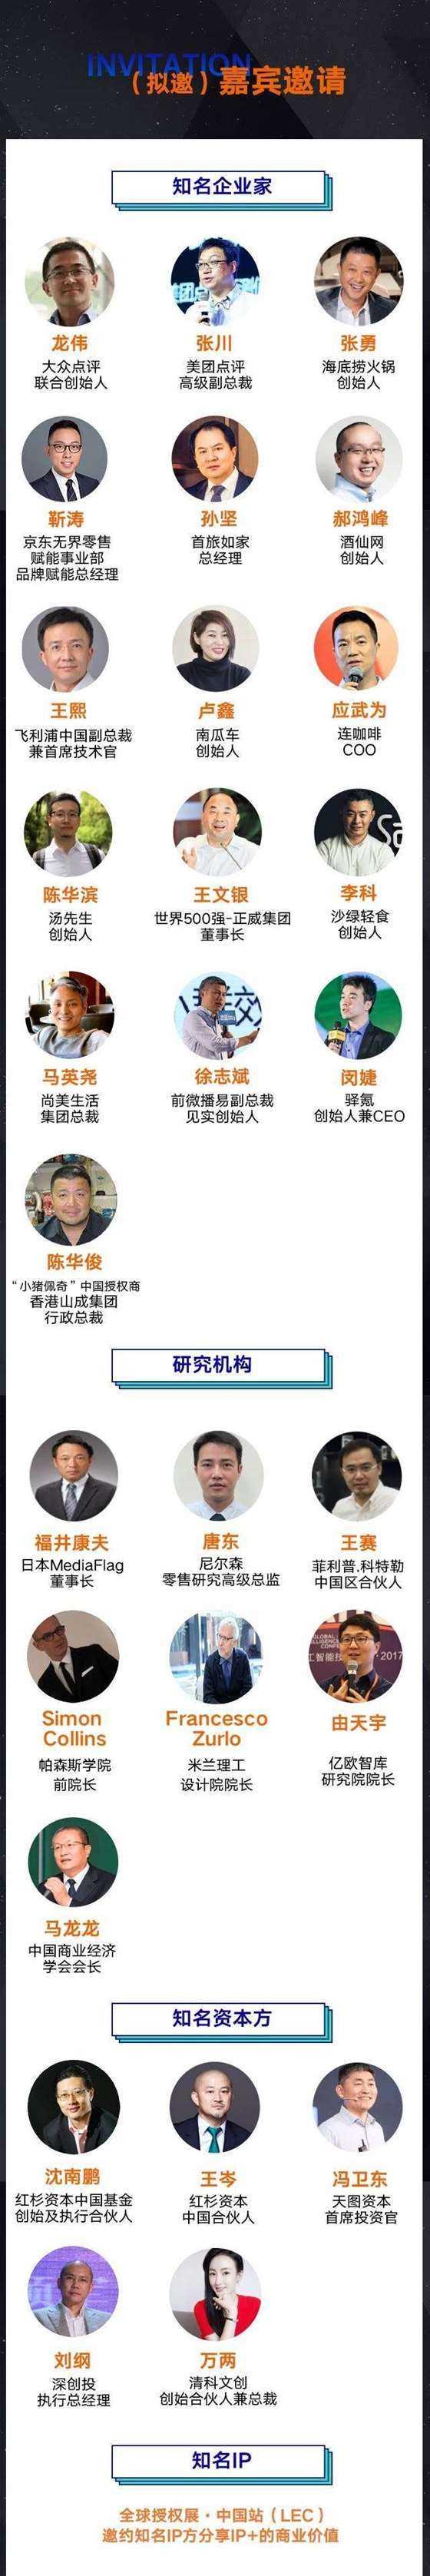 中国连锁节长图11月1日修正_03.jpg